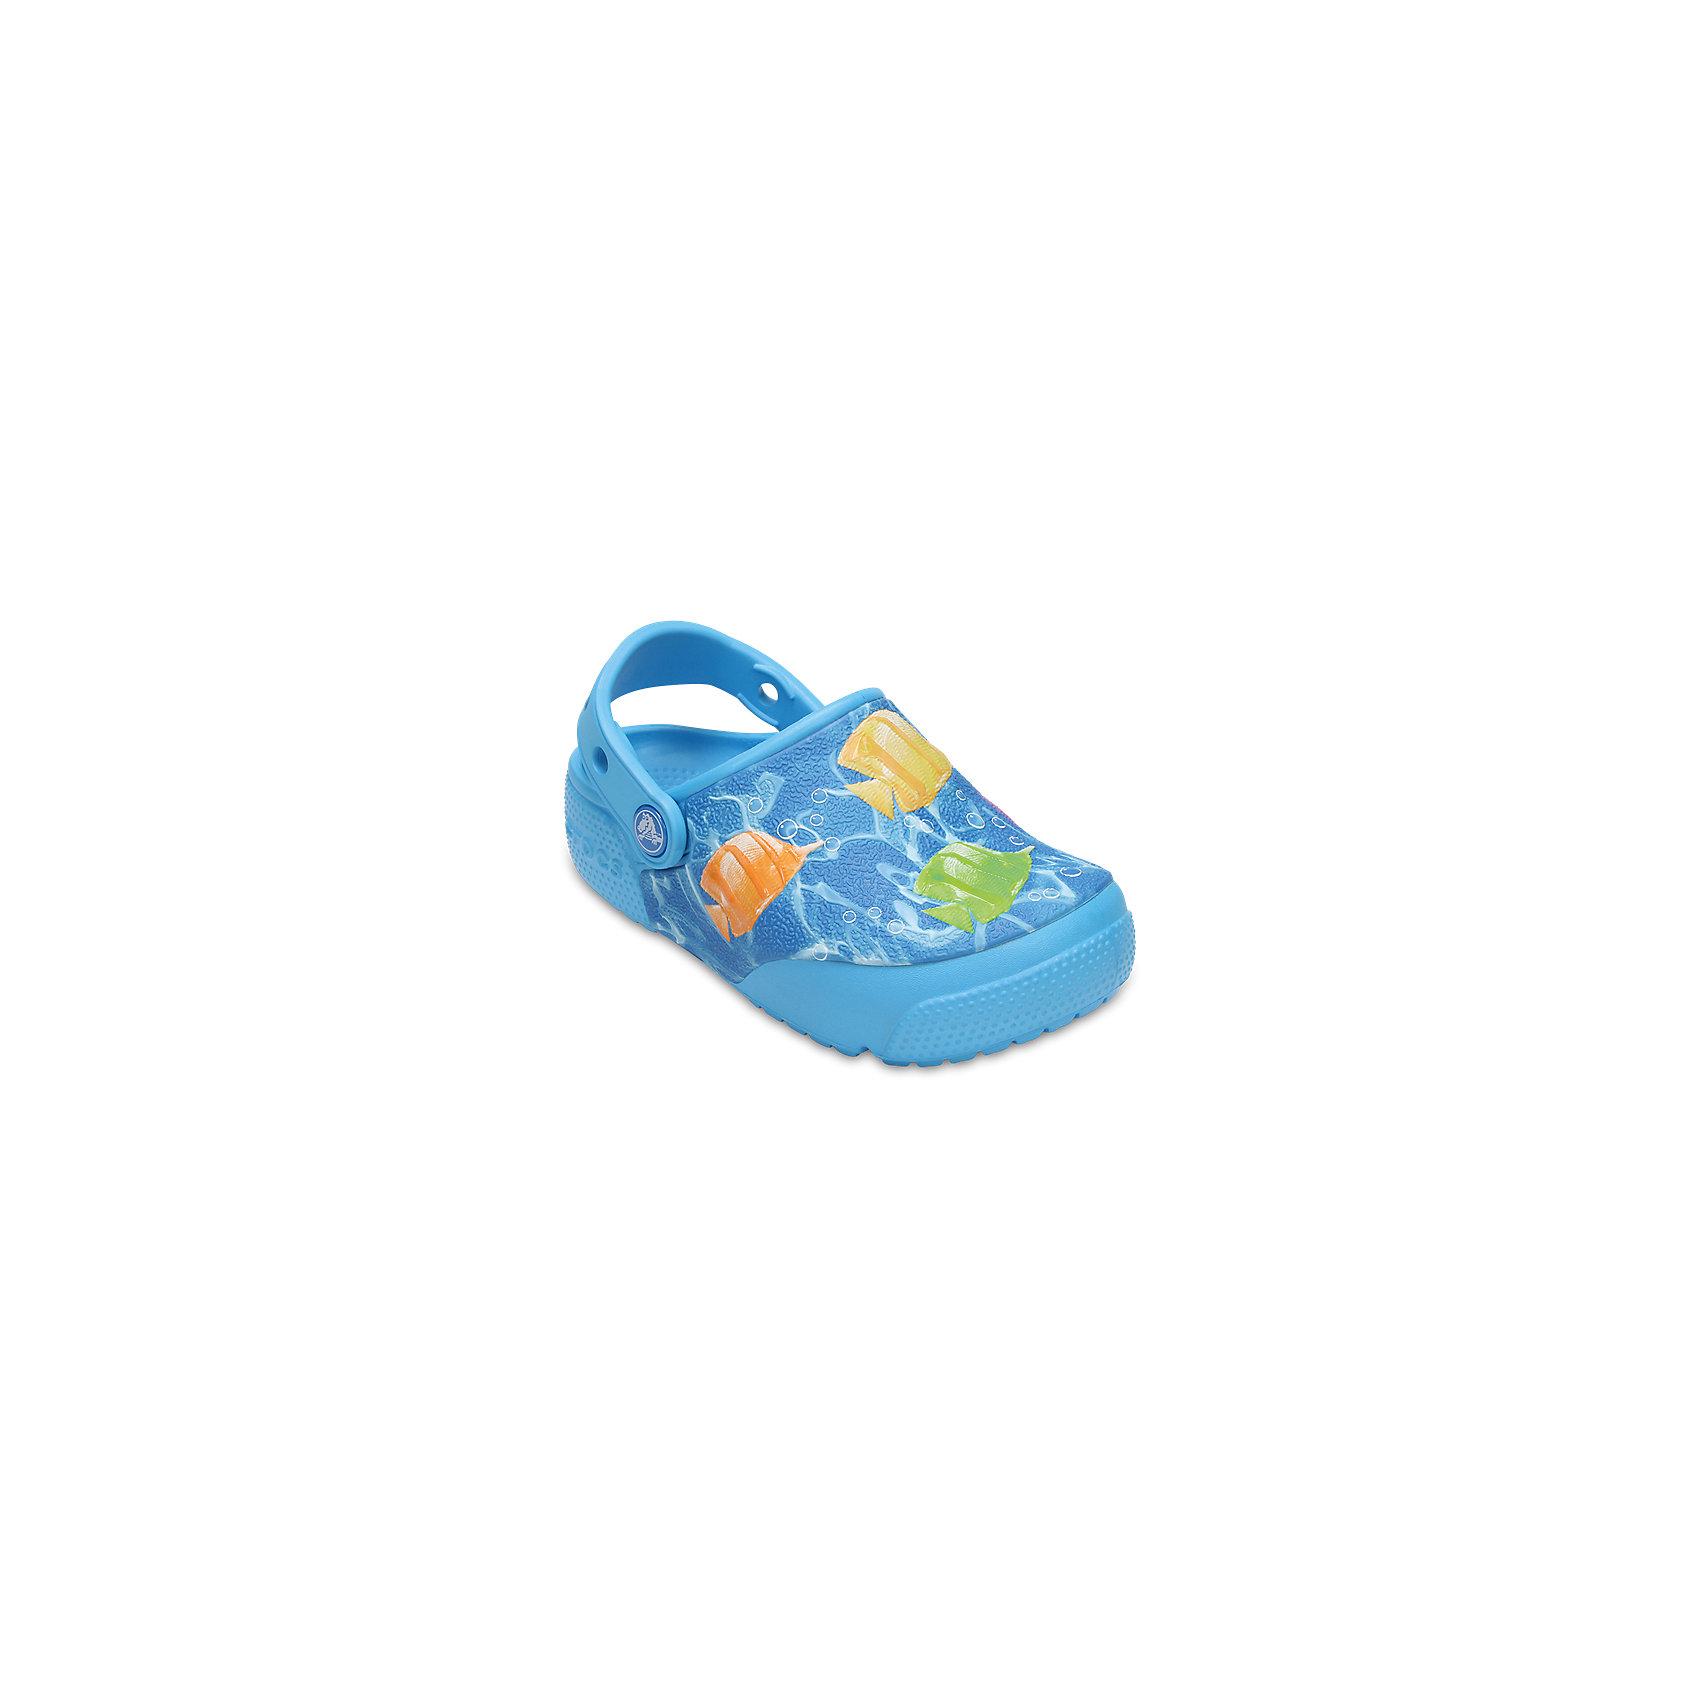 Сабо Kids Classic, CROCSПляжная обувь<br>• сезон: лето<br>• тип: пляжная обувь<br>• материал: 100% полимер Croslite™<br>• под воздействием температуры тела принимают форму стопы<br>• полностью литая модель<br>• вентиляционные отверстия<br>• бактериостатичный материал<br>• пяточный ремешок фиксирует стопу<br>• отверстия для использования украшений<br>• анатомическая стелька с массажными точками<br>• страна бренда: США<br>• страна изготовитель: Китай<br><br>Для правильного развития ребенка крайне важно, чтобы обувь была удобной. <br><br>Такие сабо обеспечивают детям необходимый комфорт, а анатомическая стелька с массажными линиями для стимуляции кровообращения позволяет ножкам дольше не уставать. <br><br>Сабо легко надеваются и снимаются, отлично сидят на ноге. <br><br>Материал, из которого они сделаны, не дает размножаться бактериям, поэтому такая обувь препятствует образованию неприятного запаха и появлению болезней стоп.<br><br>Обувь от американского бренда Crocs в данный момент завоевала широкую популярность во всем мире, и это не удивительно - ведь она невероятно удобна. <br><br>Сабо Kids Classic от торговой марки Crocs можно купить в нашем интернет-магазине.<br><br>Ширина мм: 225<br>Глубина мм: 139<br>Высота мм: 112<br>Вес г: 290<br>Цвет: синий<br>Возраст от месяцев: 96<br>Возраст до месяцев: 108<br>Пол: Унисекс<br>Возраст: Детский<br>Размер: 31/32,33/34,34/35,27,28,29,30,21,22,23,24,25,26<br>SKU: 5416990